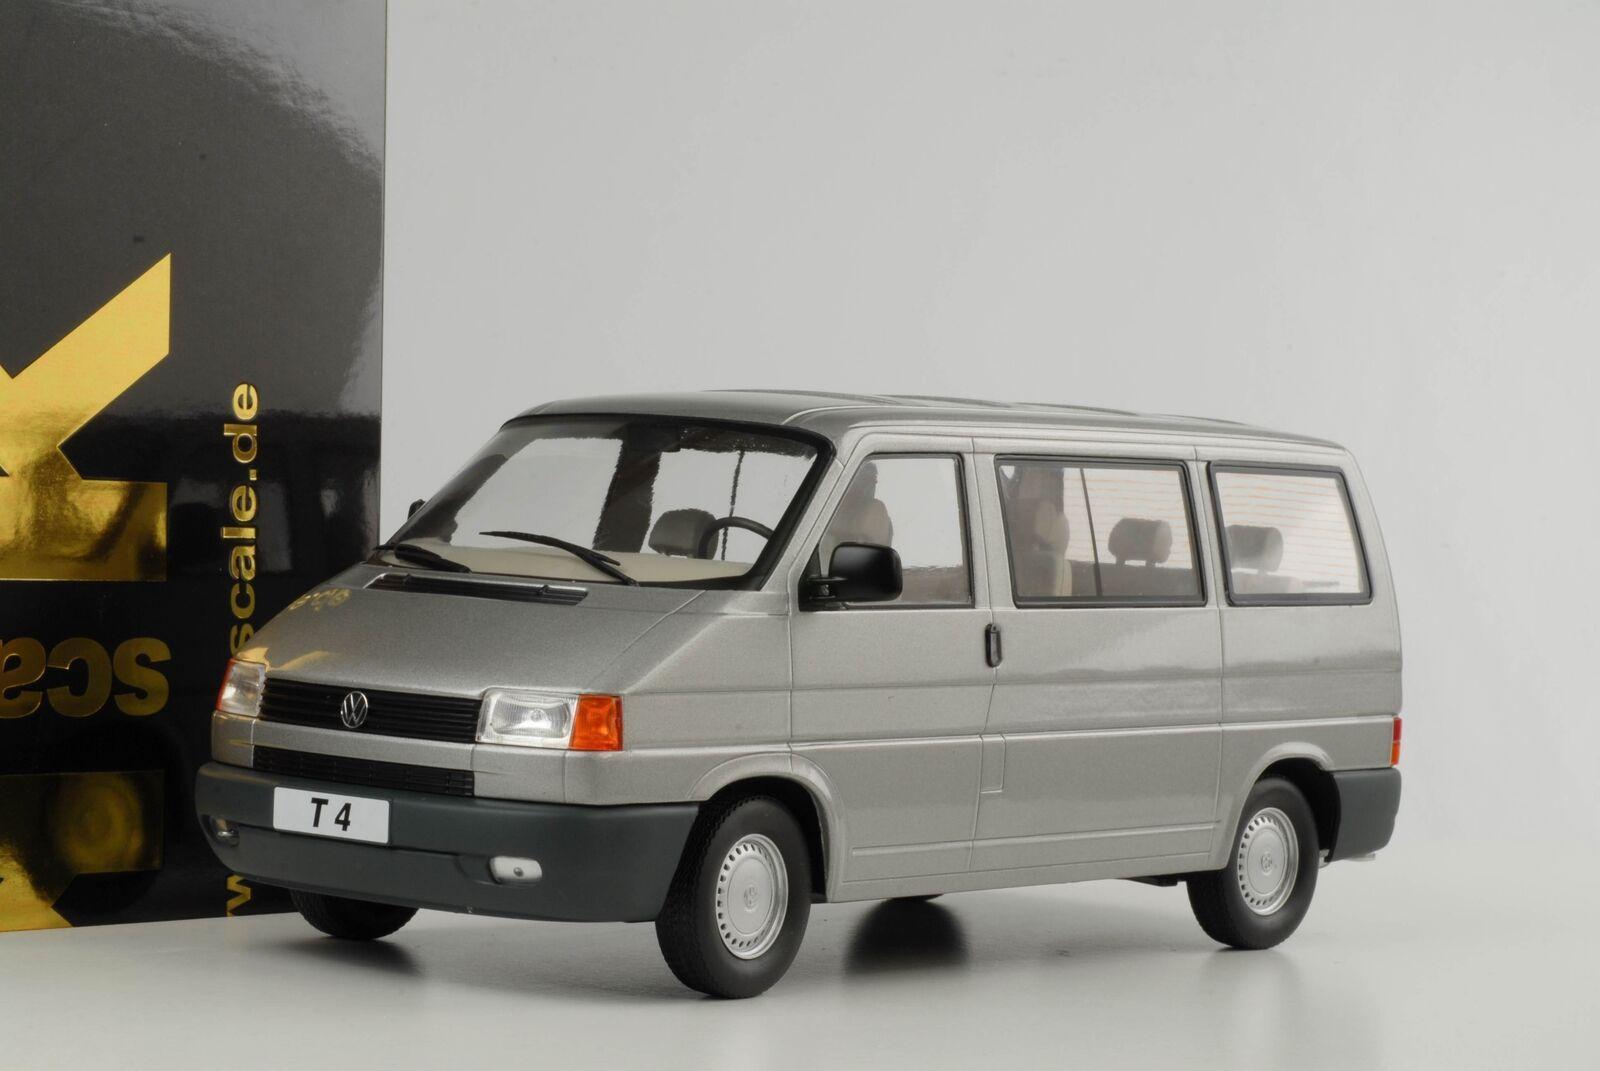 T4 VW Volkswagen Bus Caravelle 1992 Silver Grey Metallic Diecast 1 18 Kk New